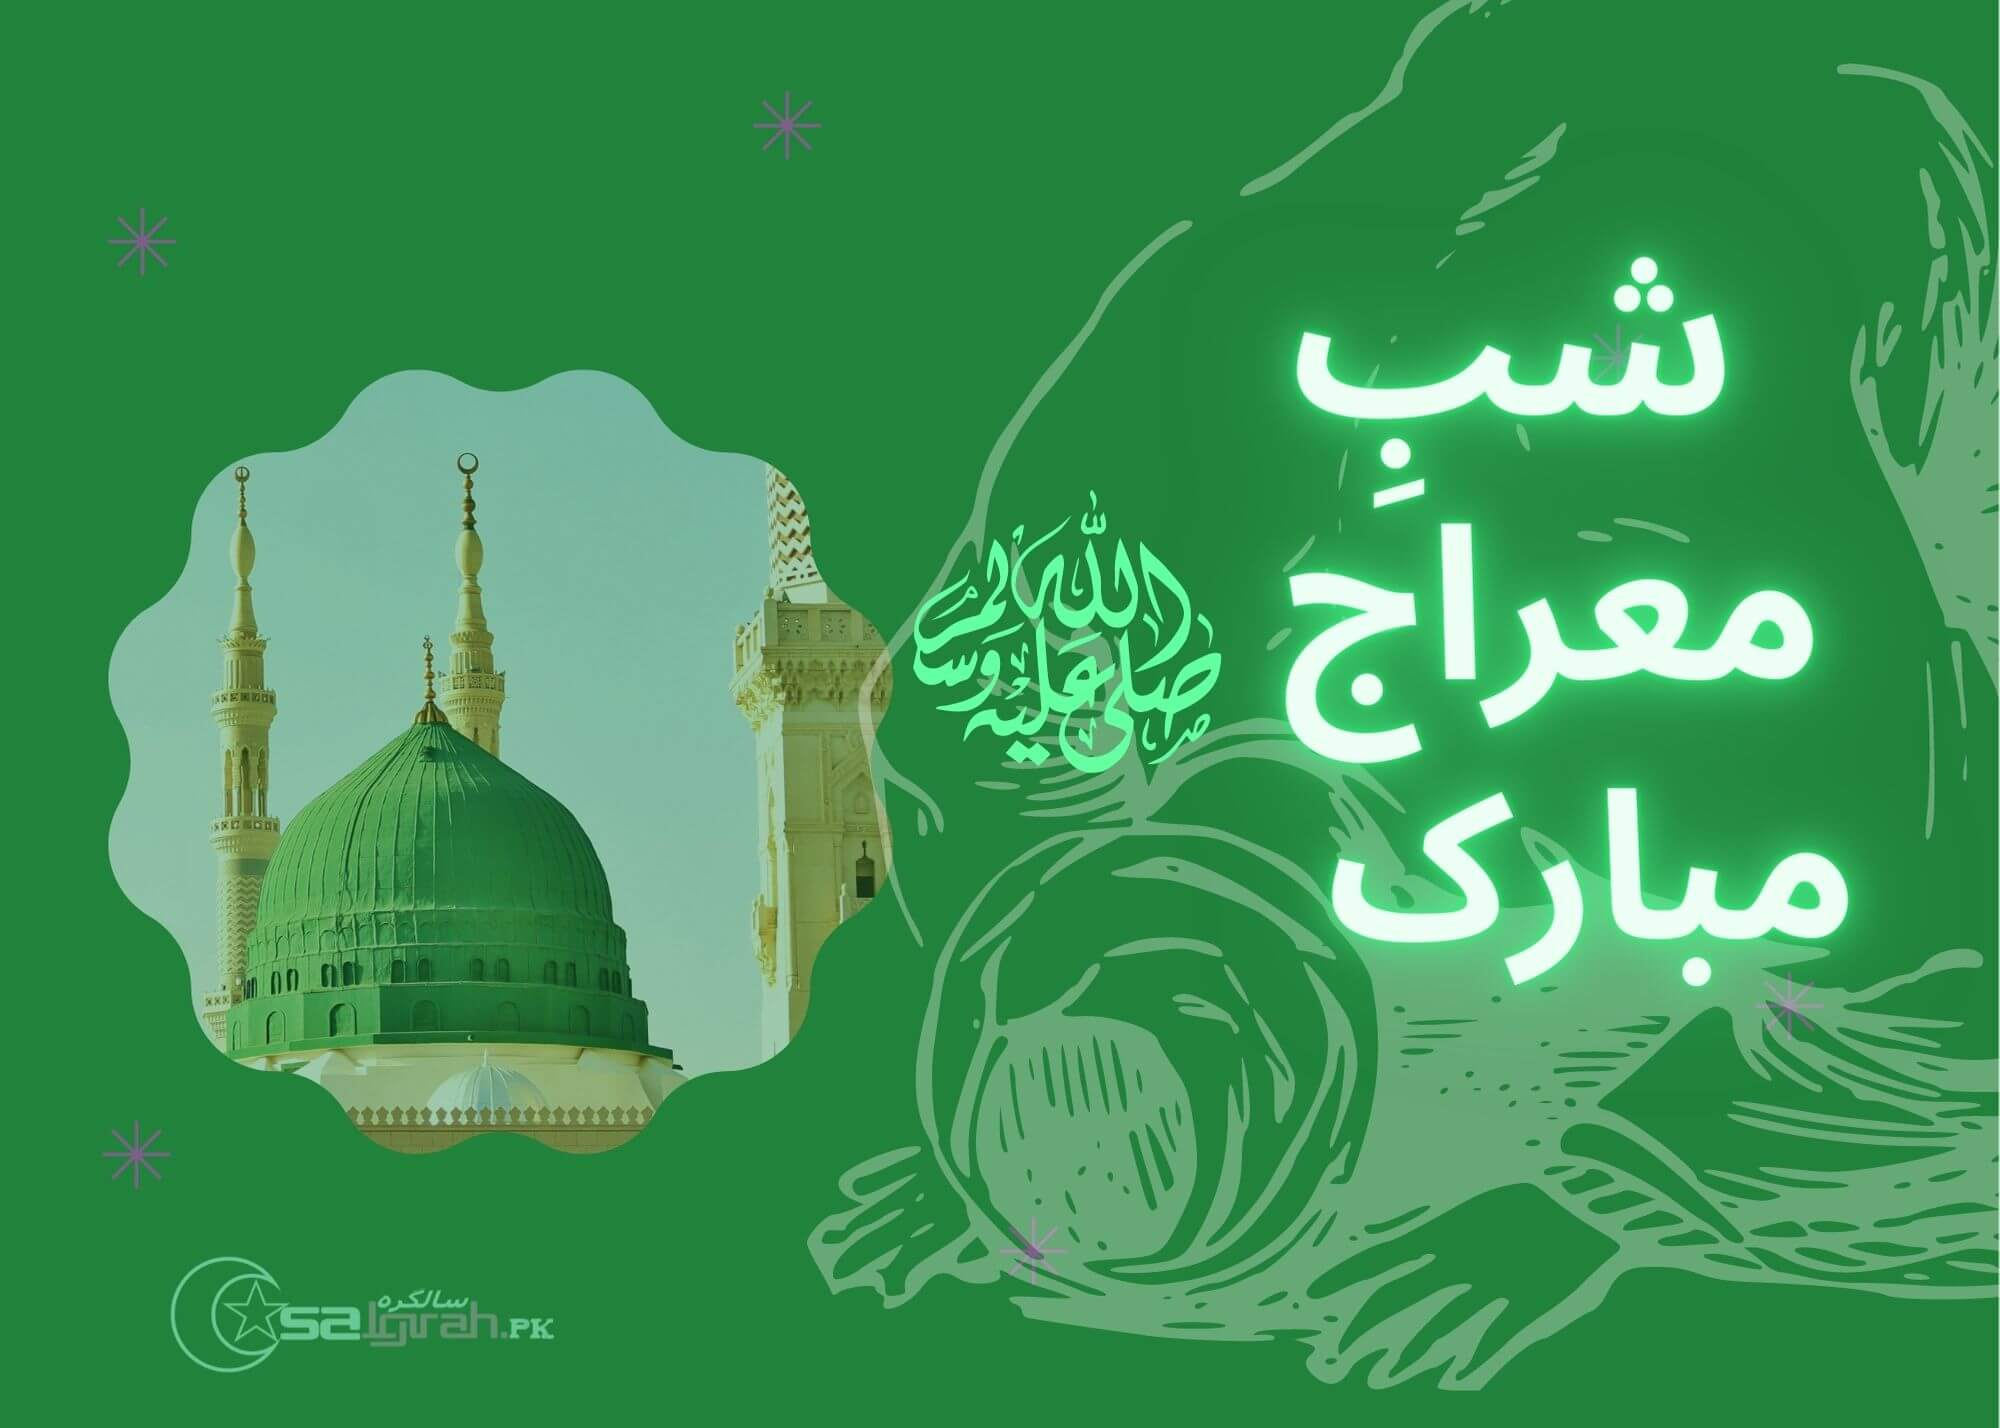 شب معراج مبارک سب قارئین کو سالگرہ ویب سائٹ کی طرف سے – التماس دعا